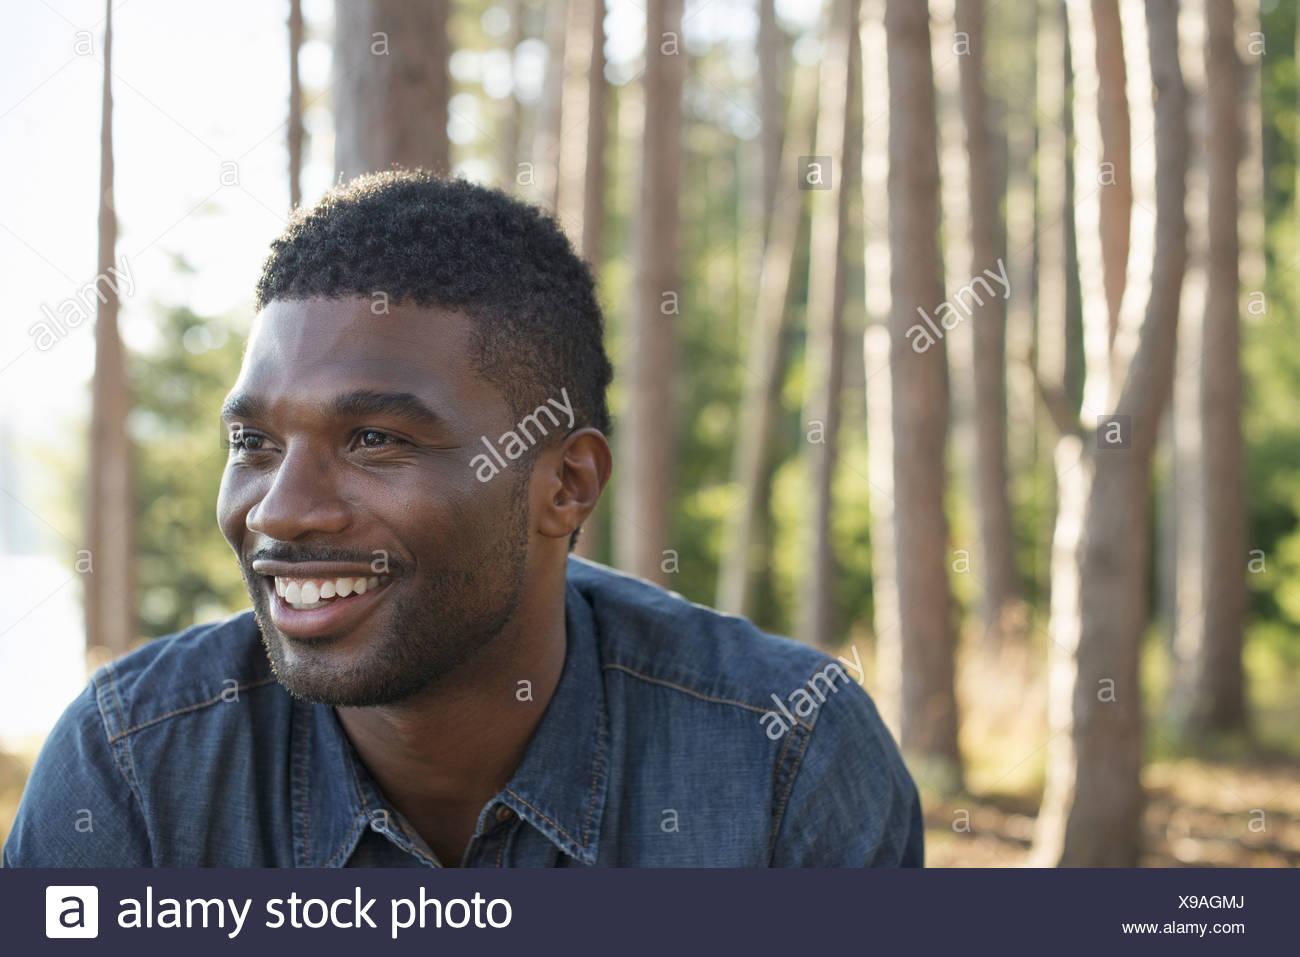 Un Uomo in camicia blu all'ombra degli alberi Immagini Stock